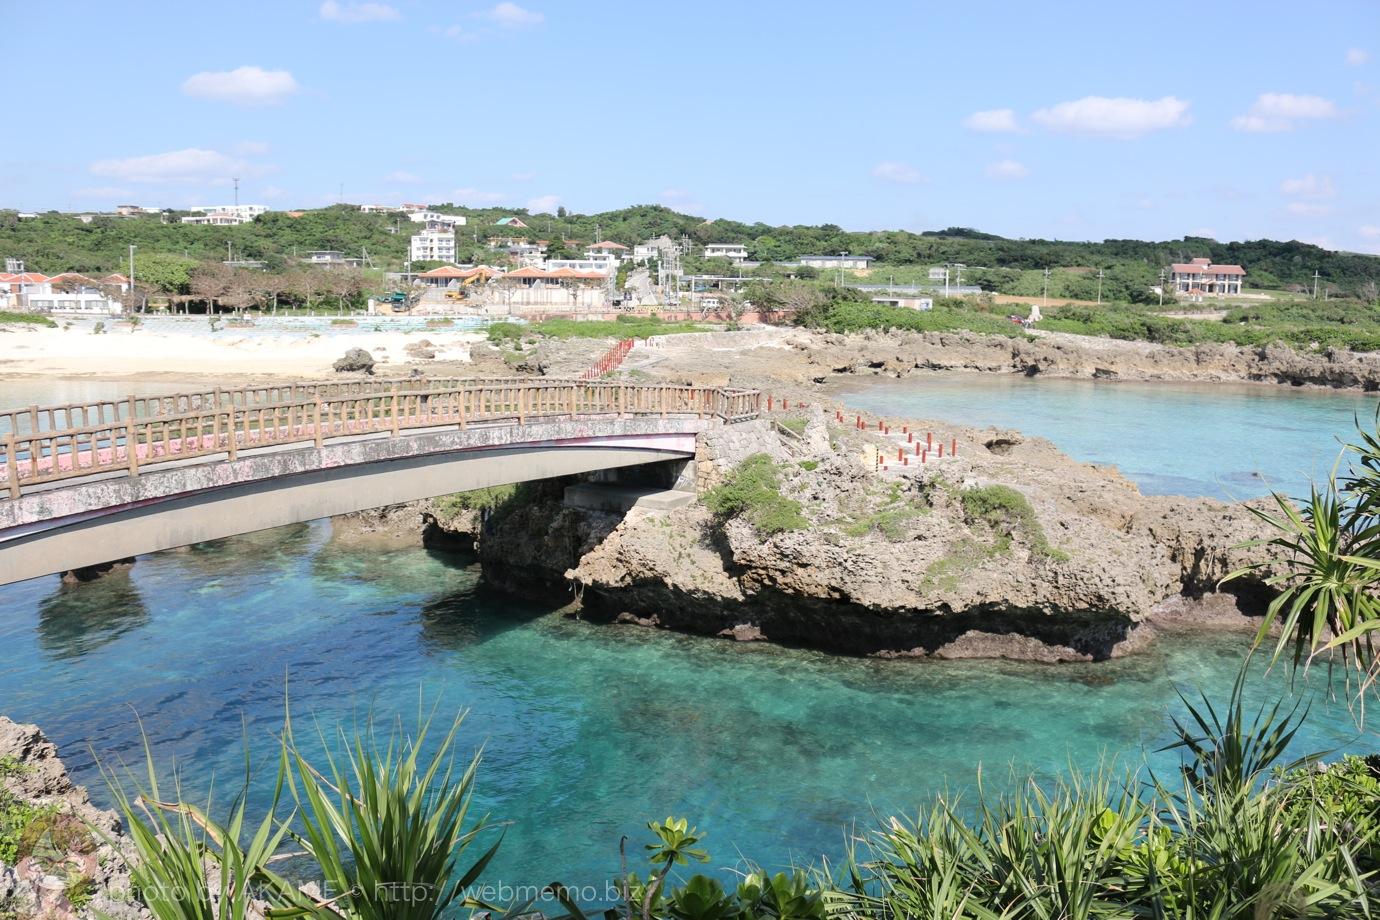 渡ってきた橋の様子と綺麗な海